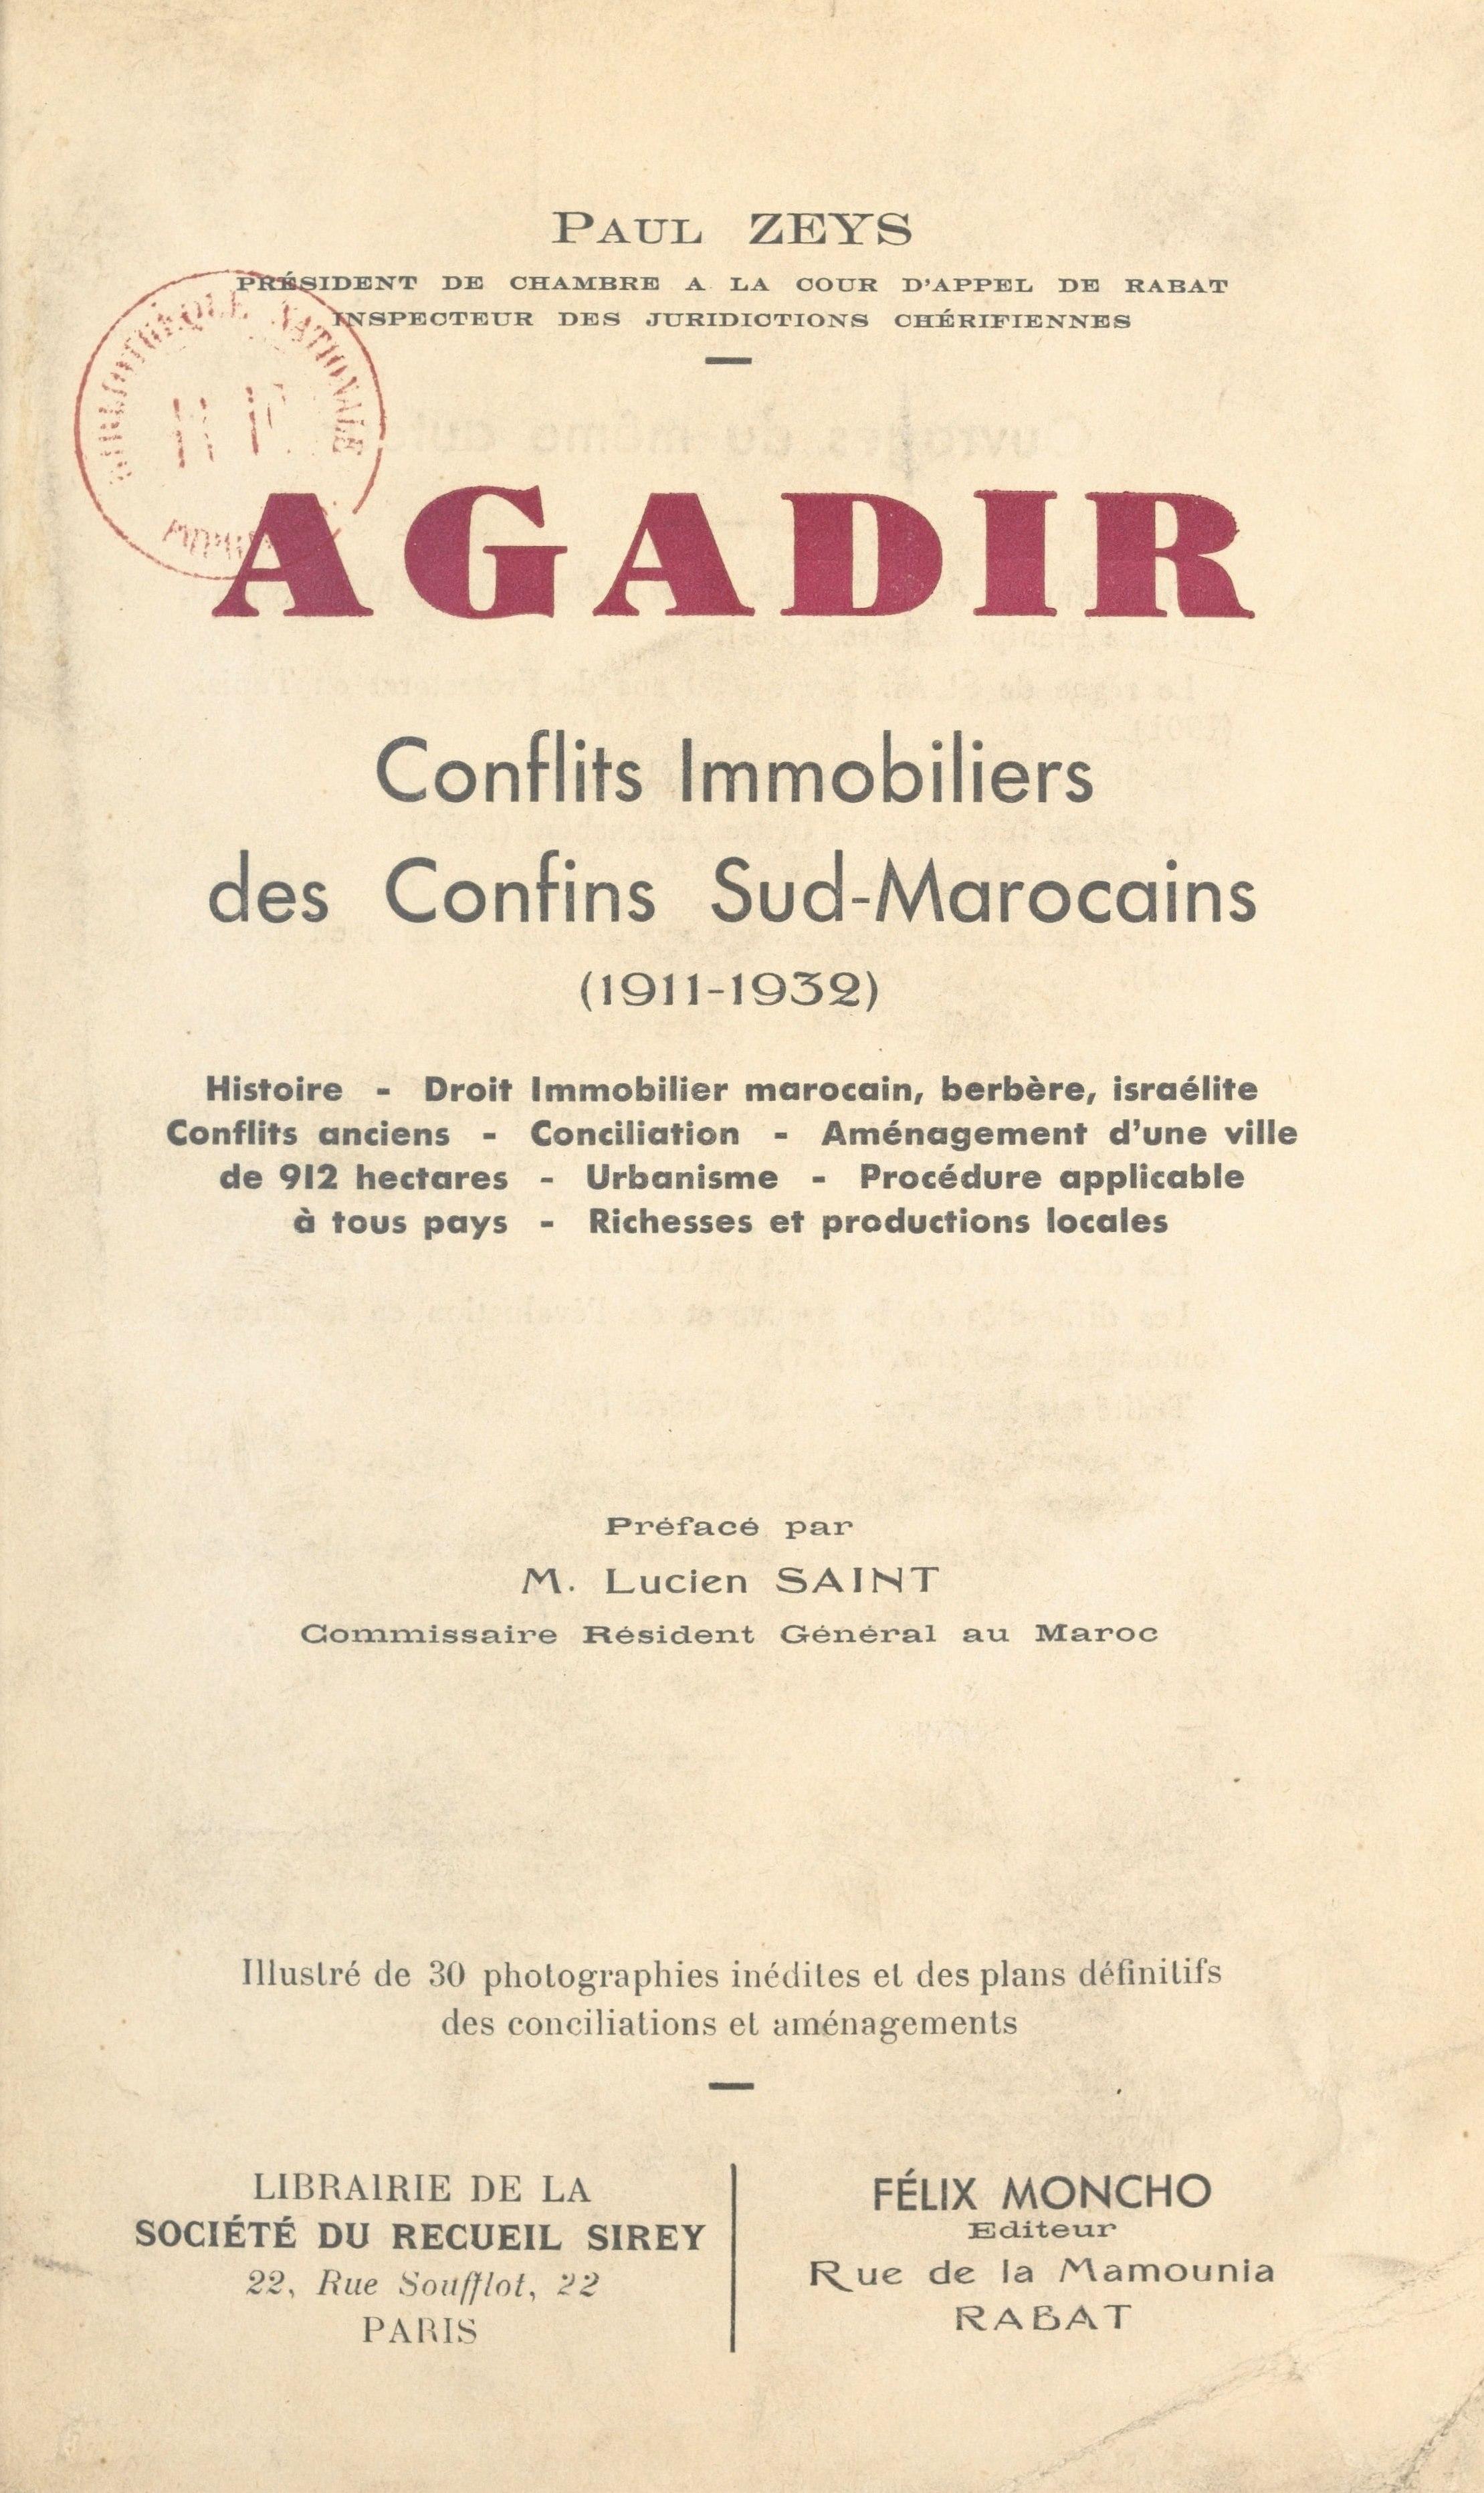 Agadir, CONFLITS IMMOBILIERS DES CONFINS SUD-MAROCAINS (1911-1932)